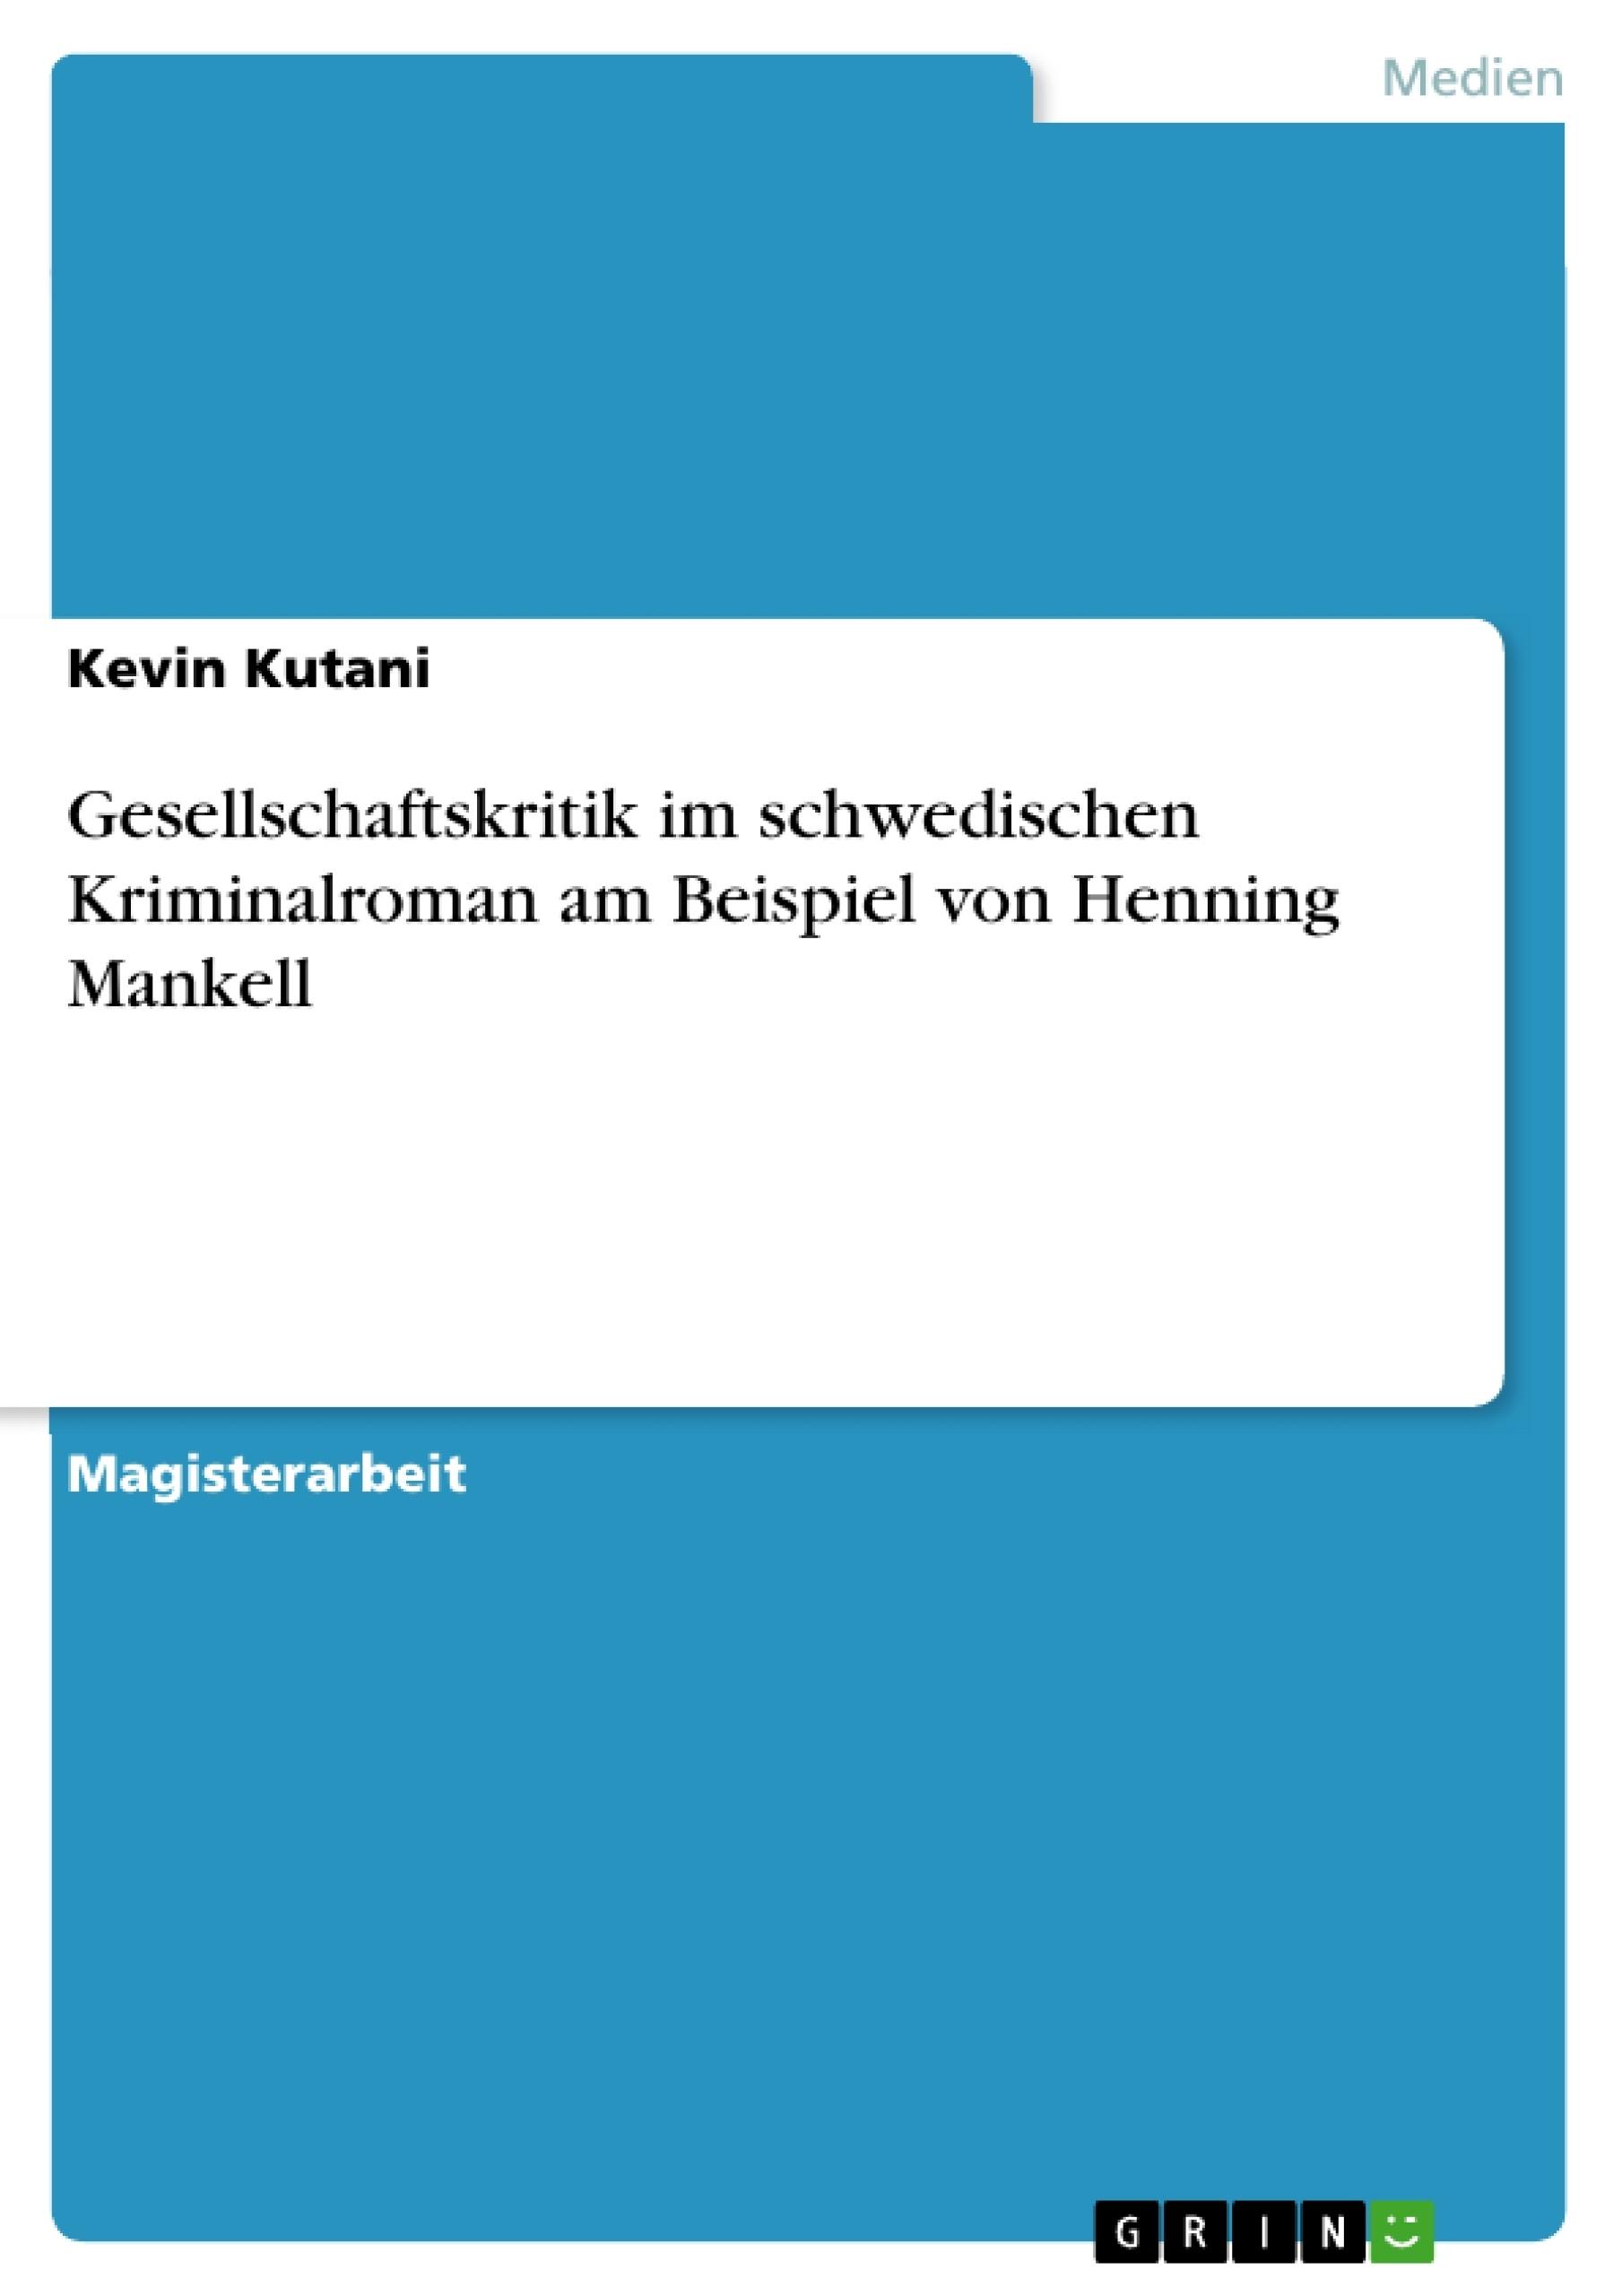 Titel: Gesellschaftskritik im schwedischen Kriminalroman am Beispiel von Henning Mankell